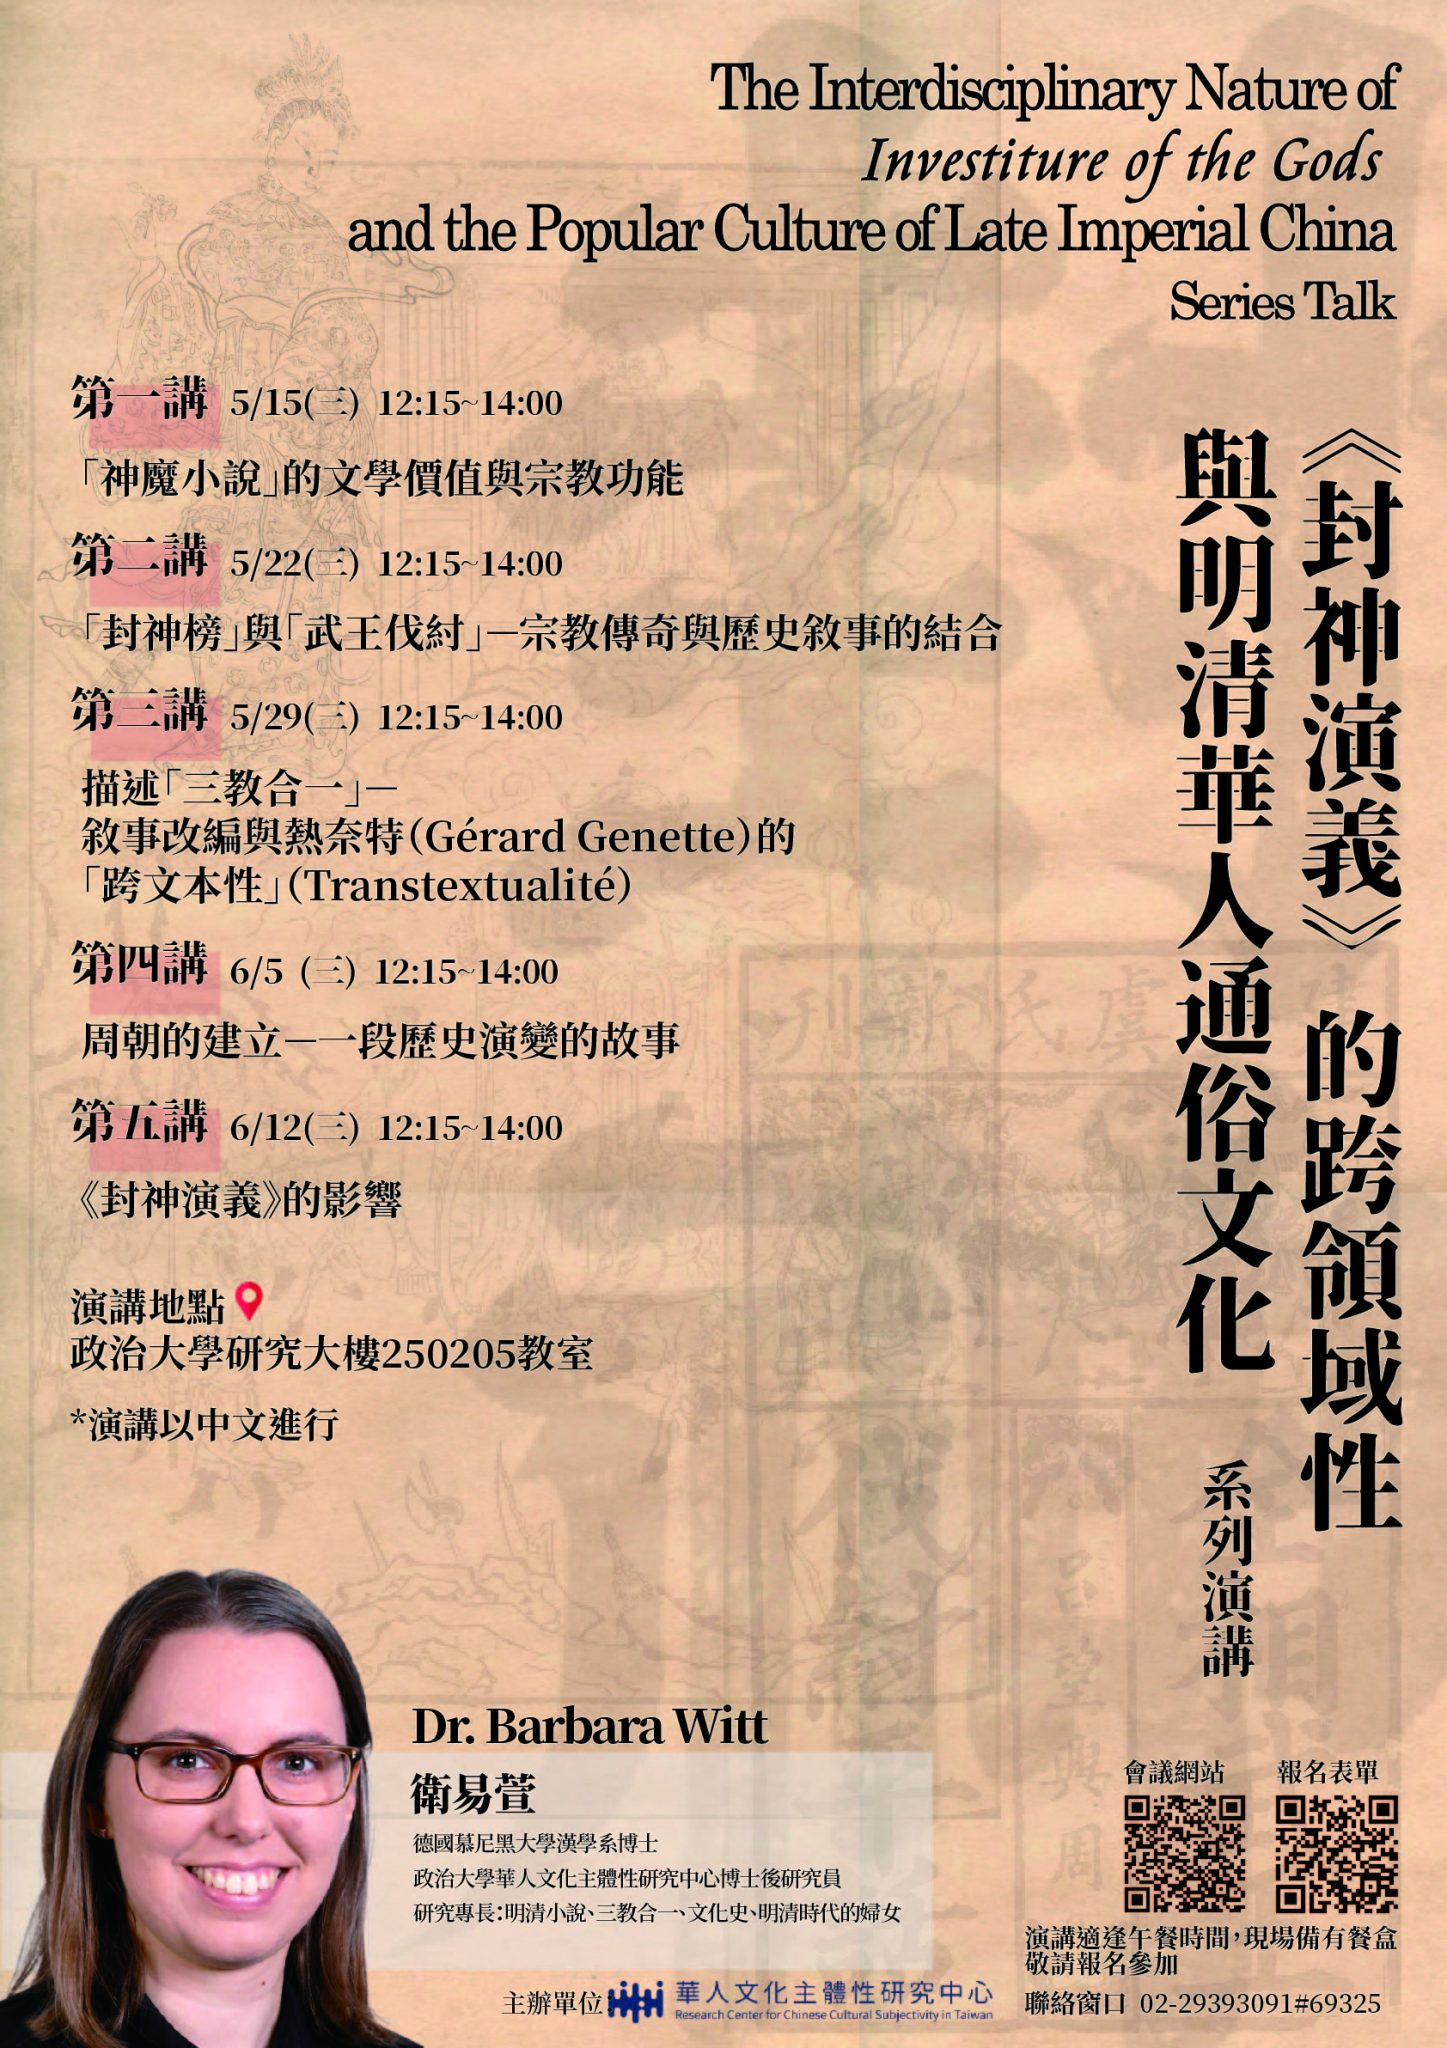 系列演講 : 《封神演義》的跨領域性與明清華人通俗文化